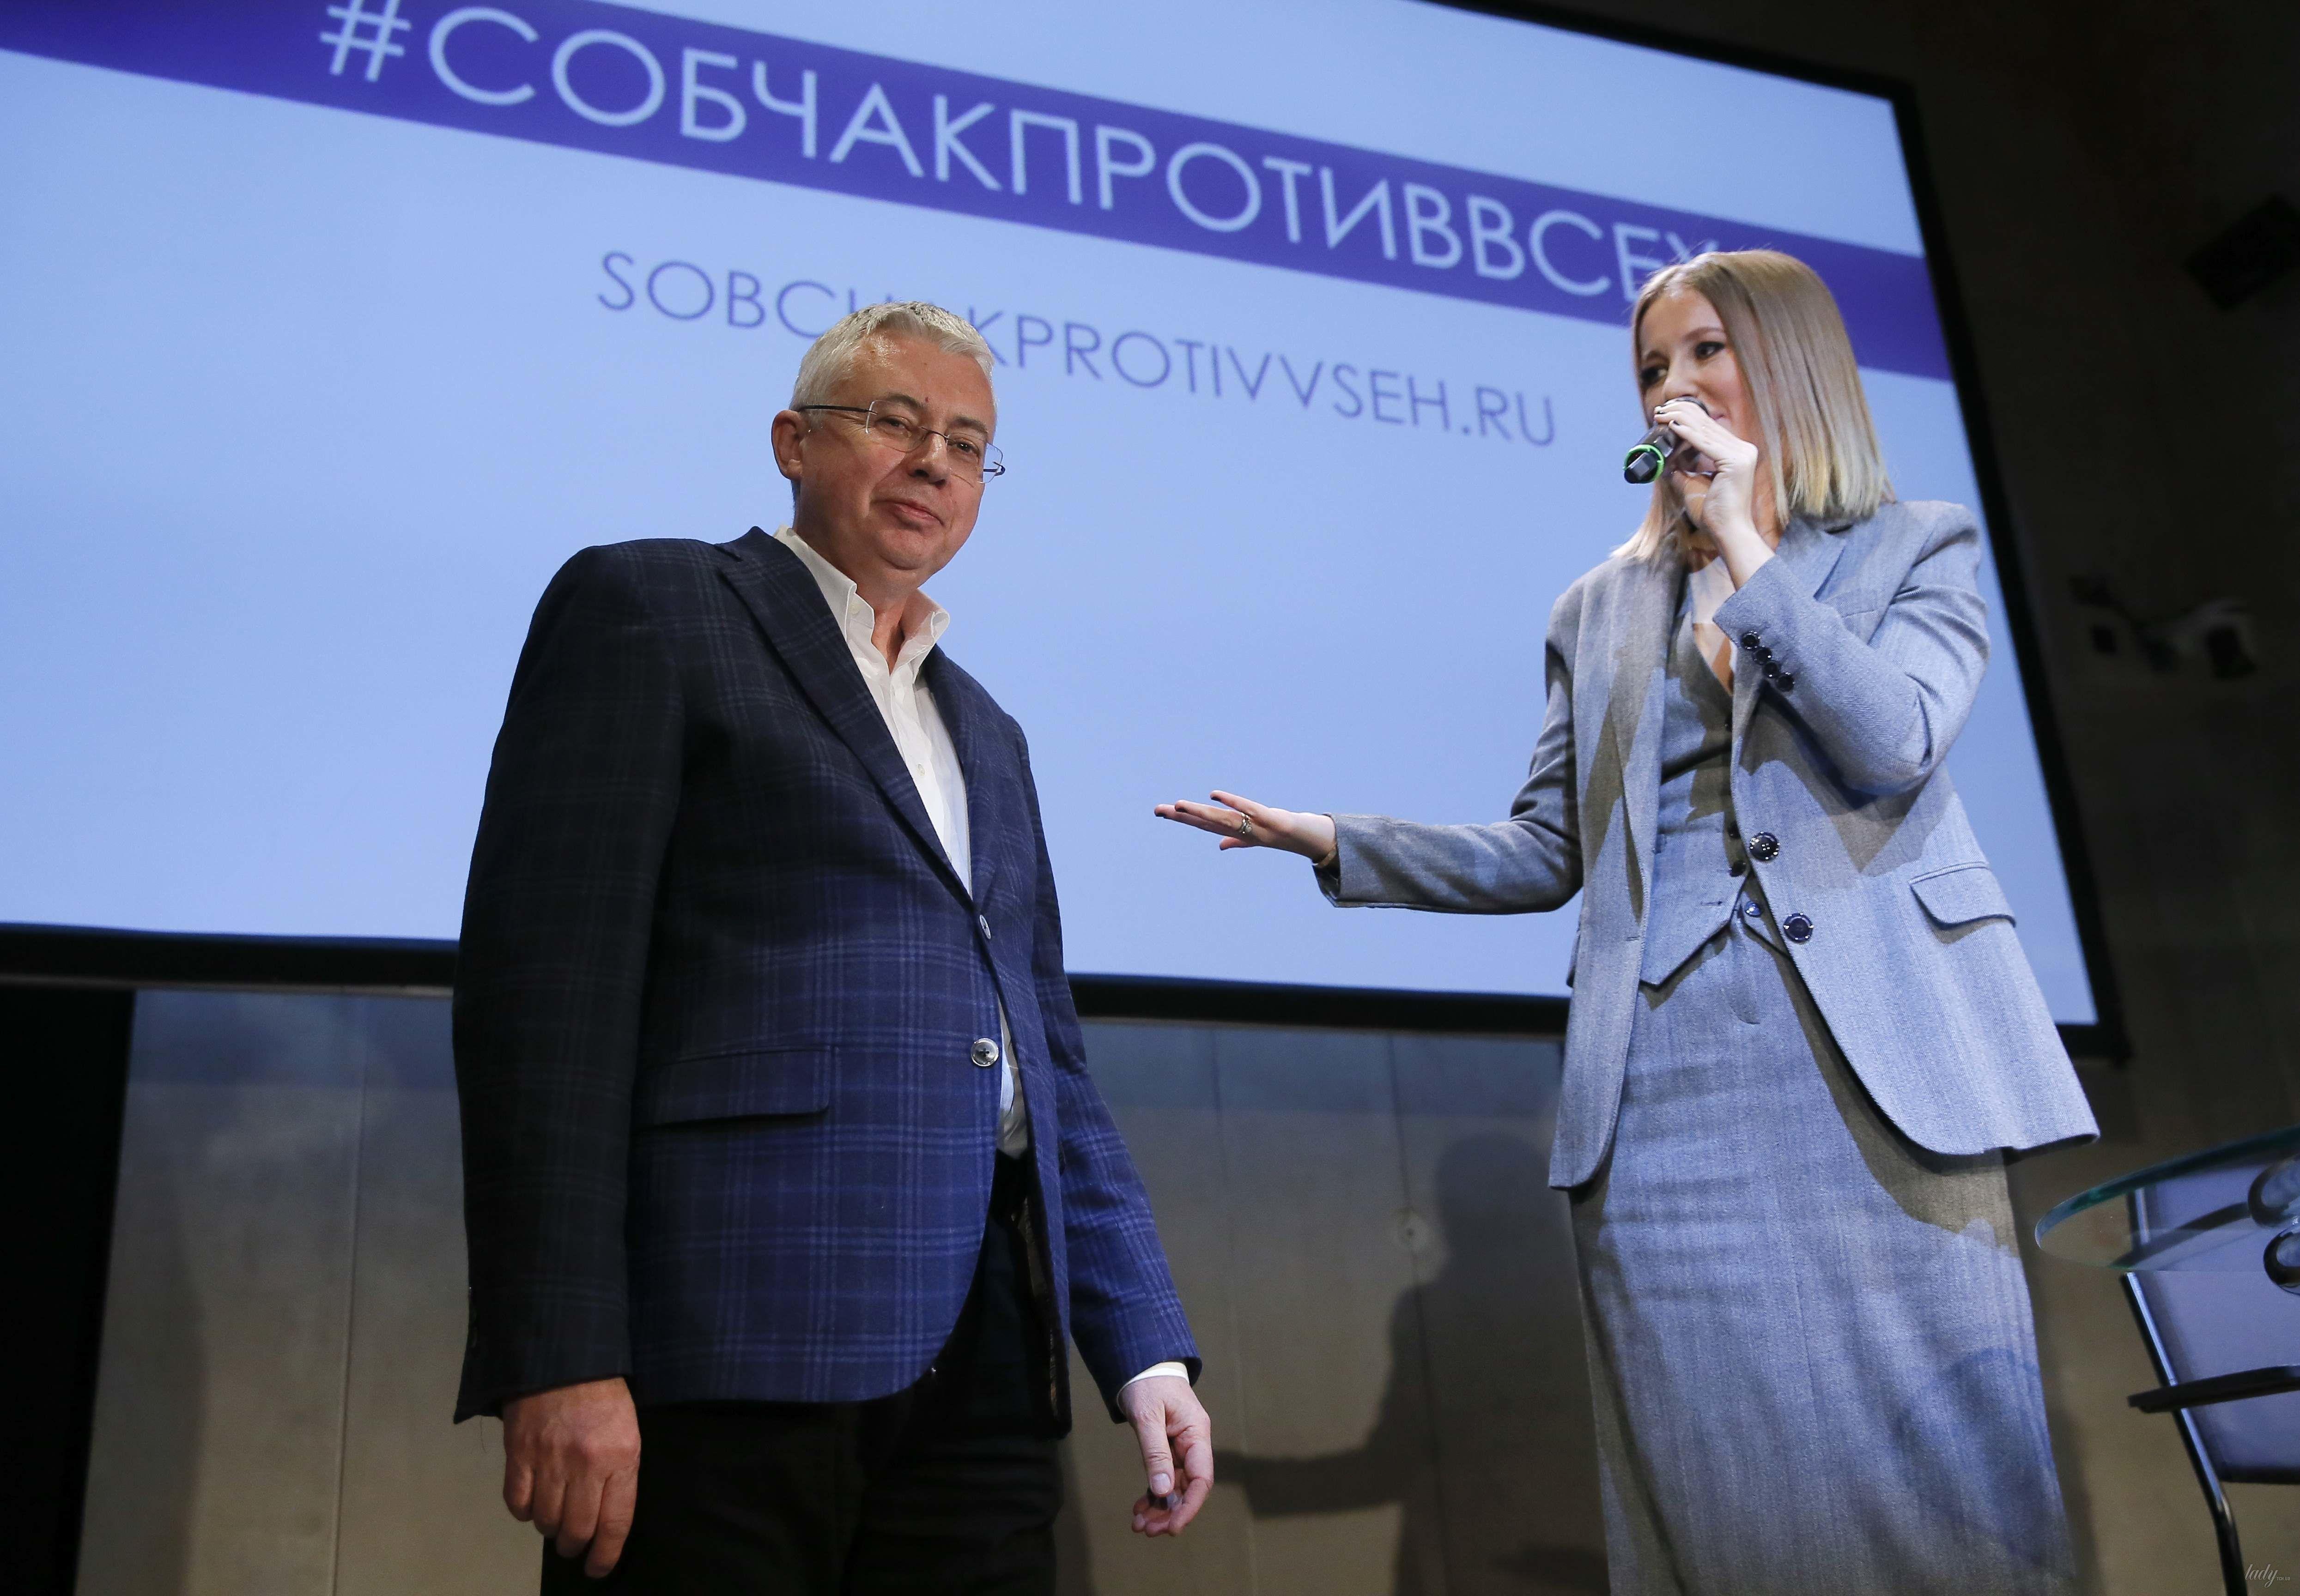 Ксения Собчак_2